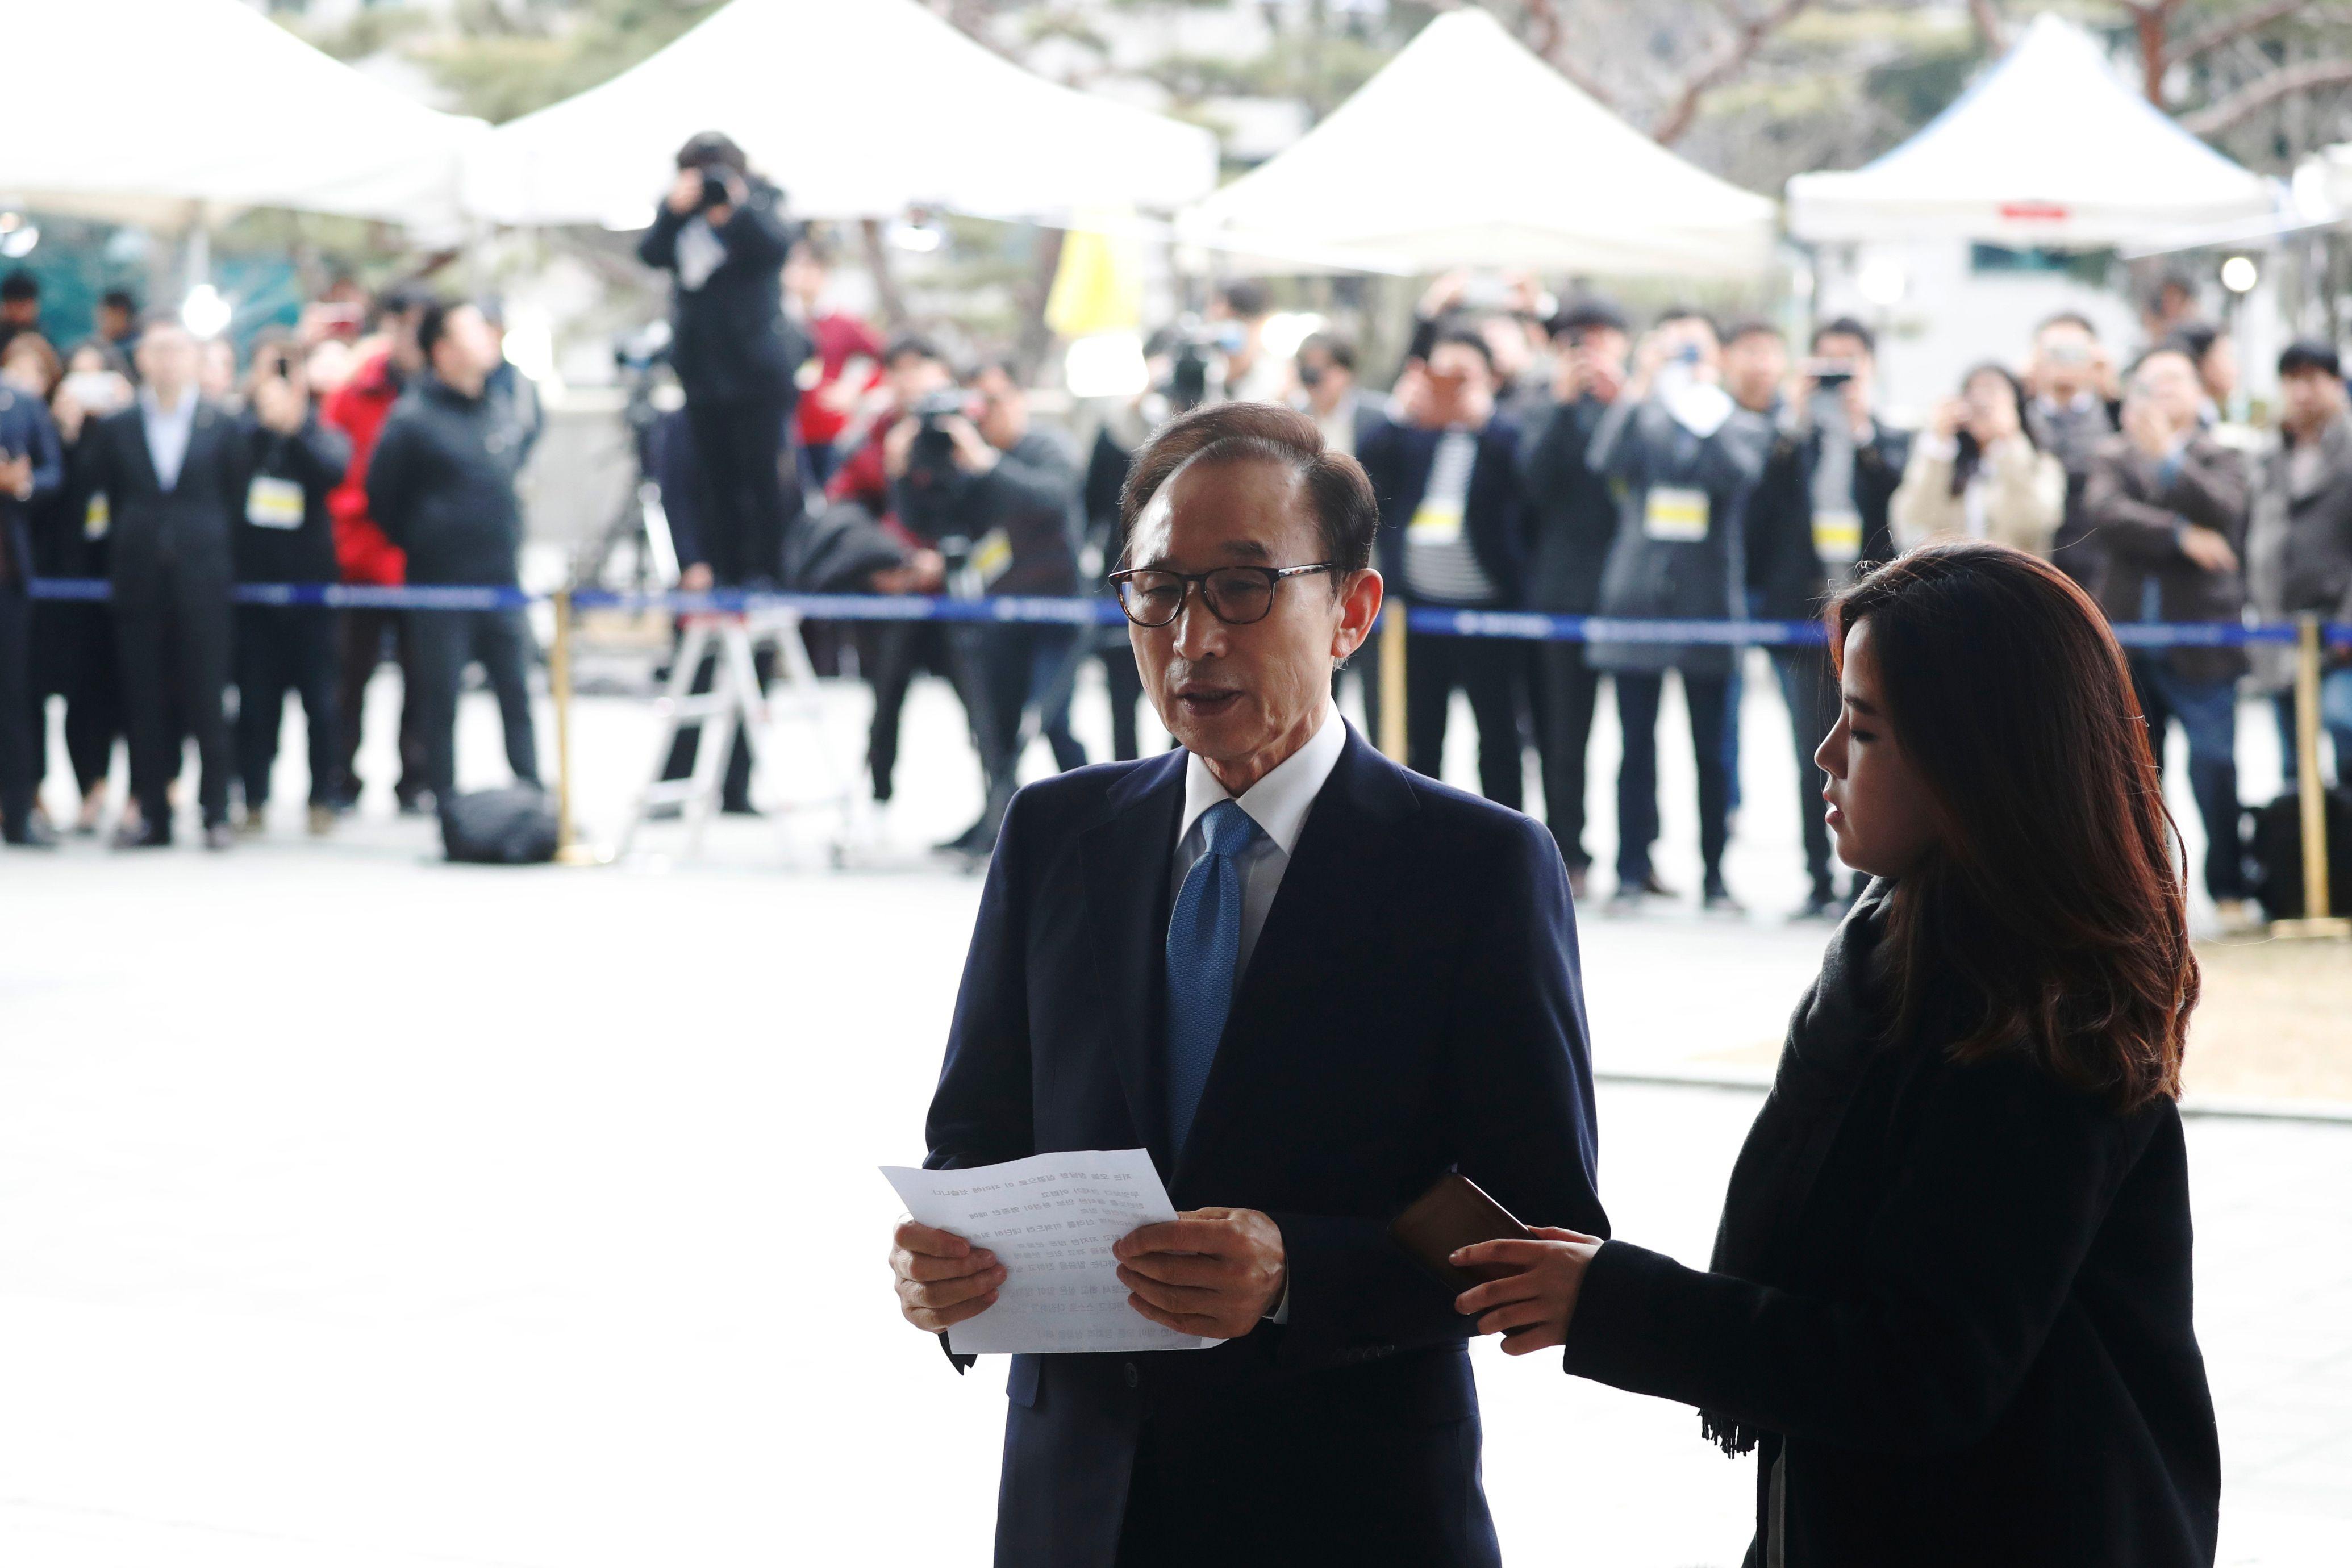 وسائل الإعلام تحيط برئيس كوريا الجنوبية السابق